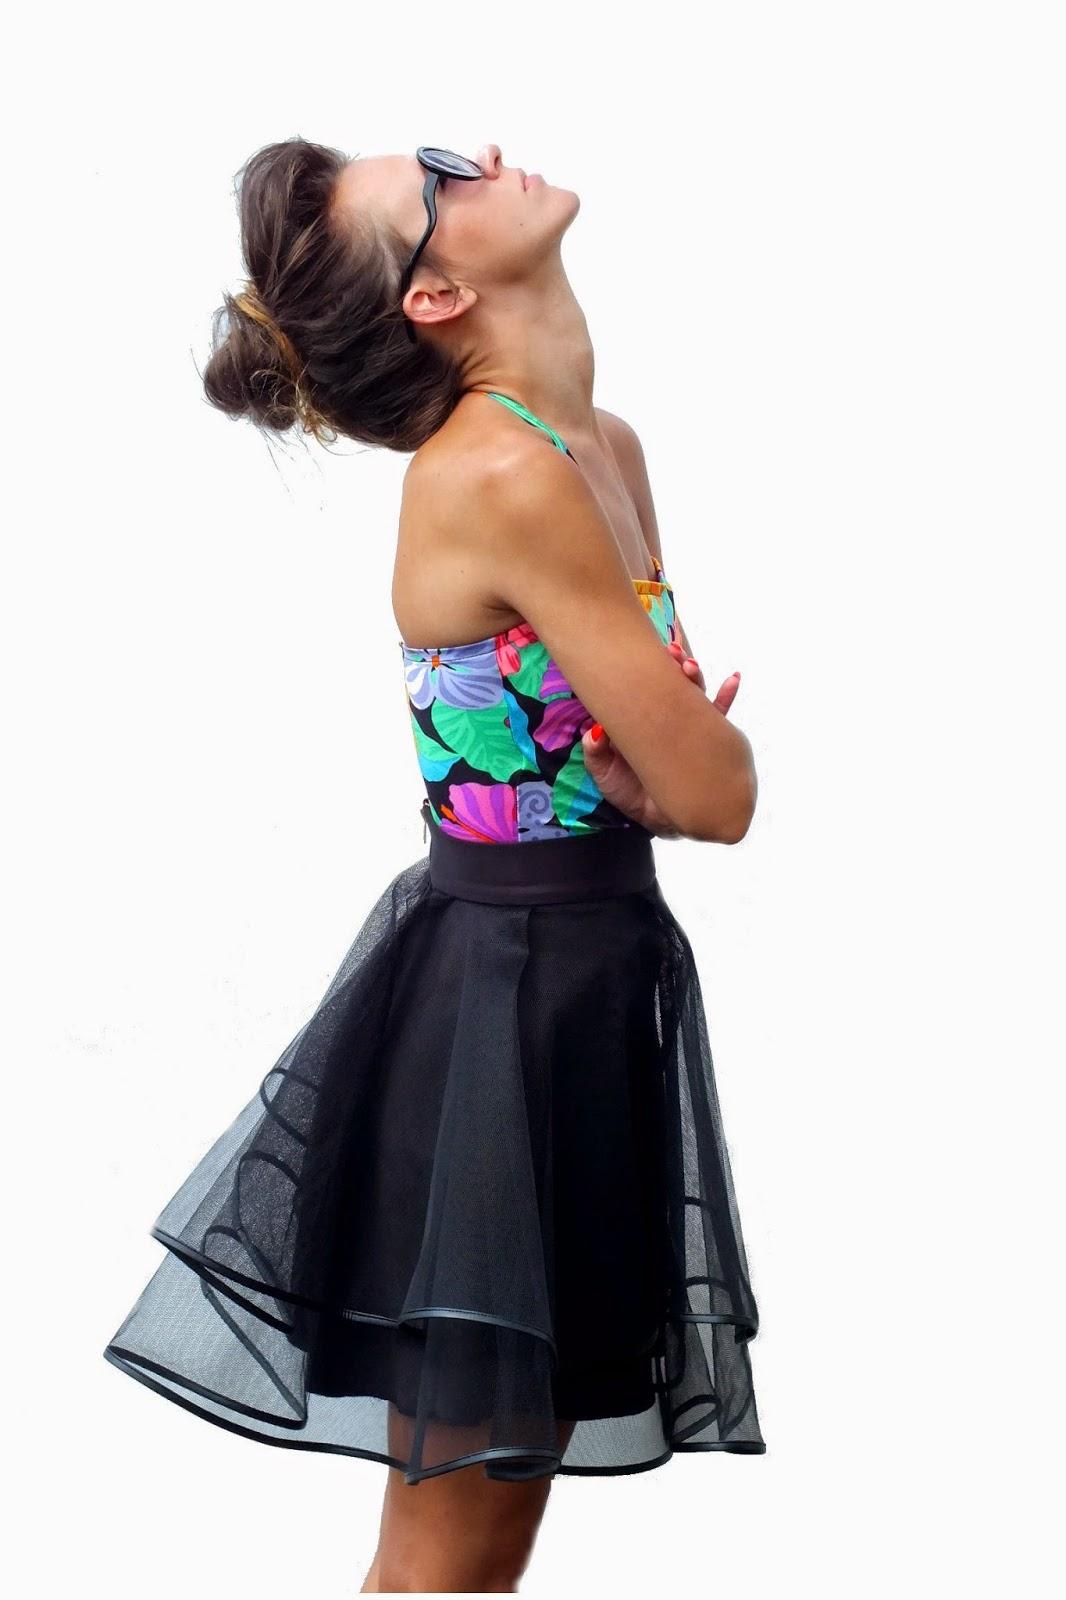 spódnica tiulowa z koła, czarna spódnica tiulowa, oryginalna spódnica z tiulu, spódnica na zamówienie, jedyna taka spódnica